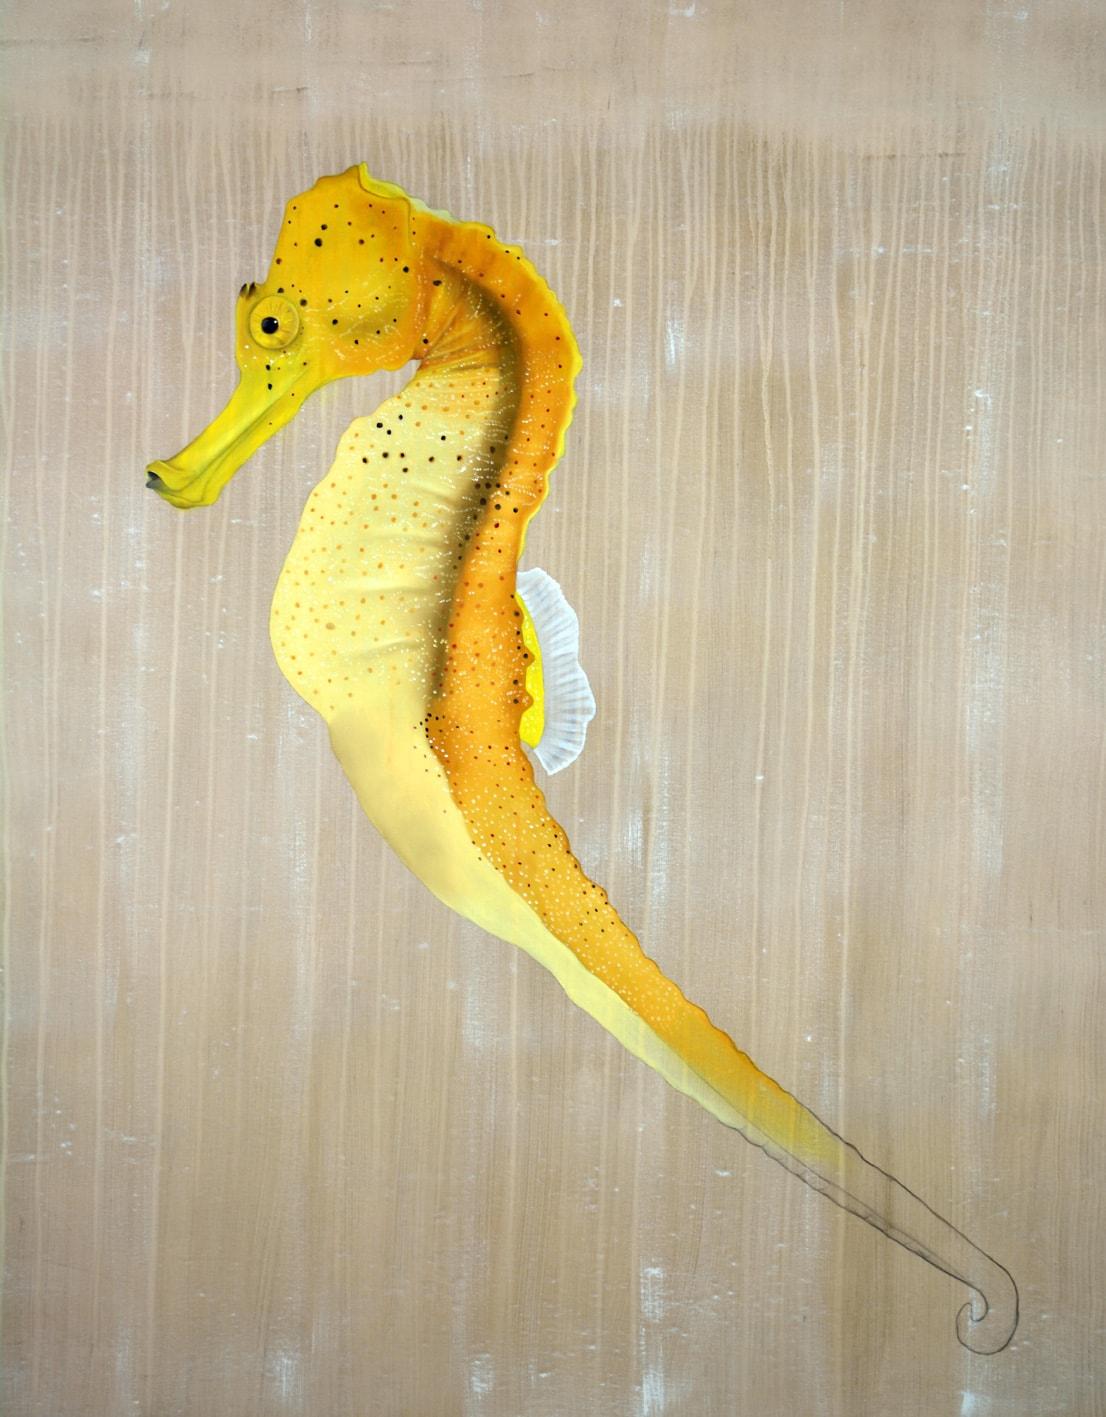 Hippocampus Guttulatus Thierry Bisch photographer Clementine de Forton Gallery